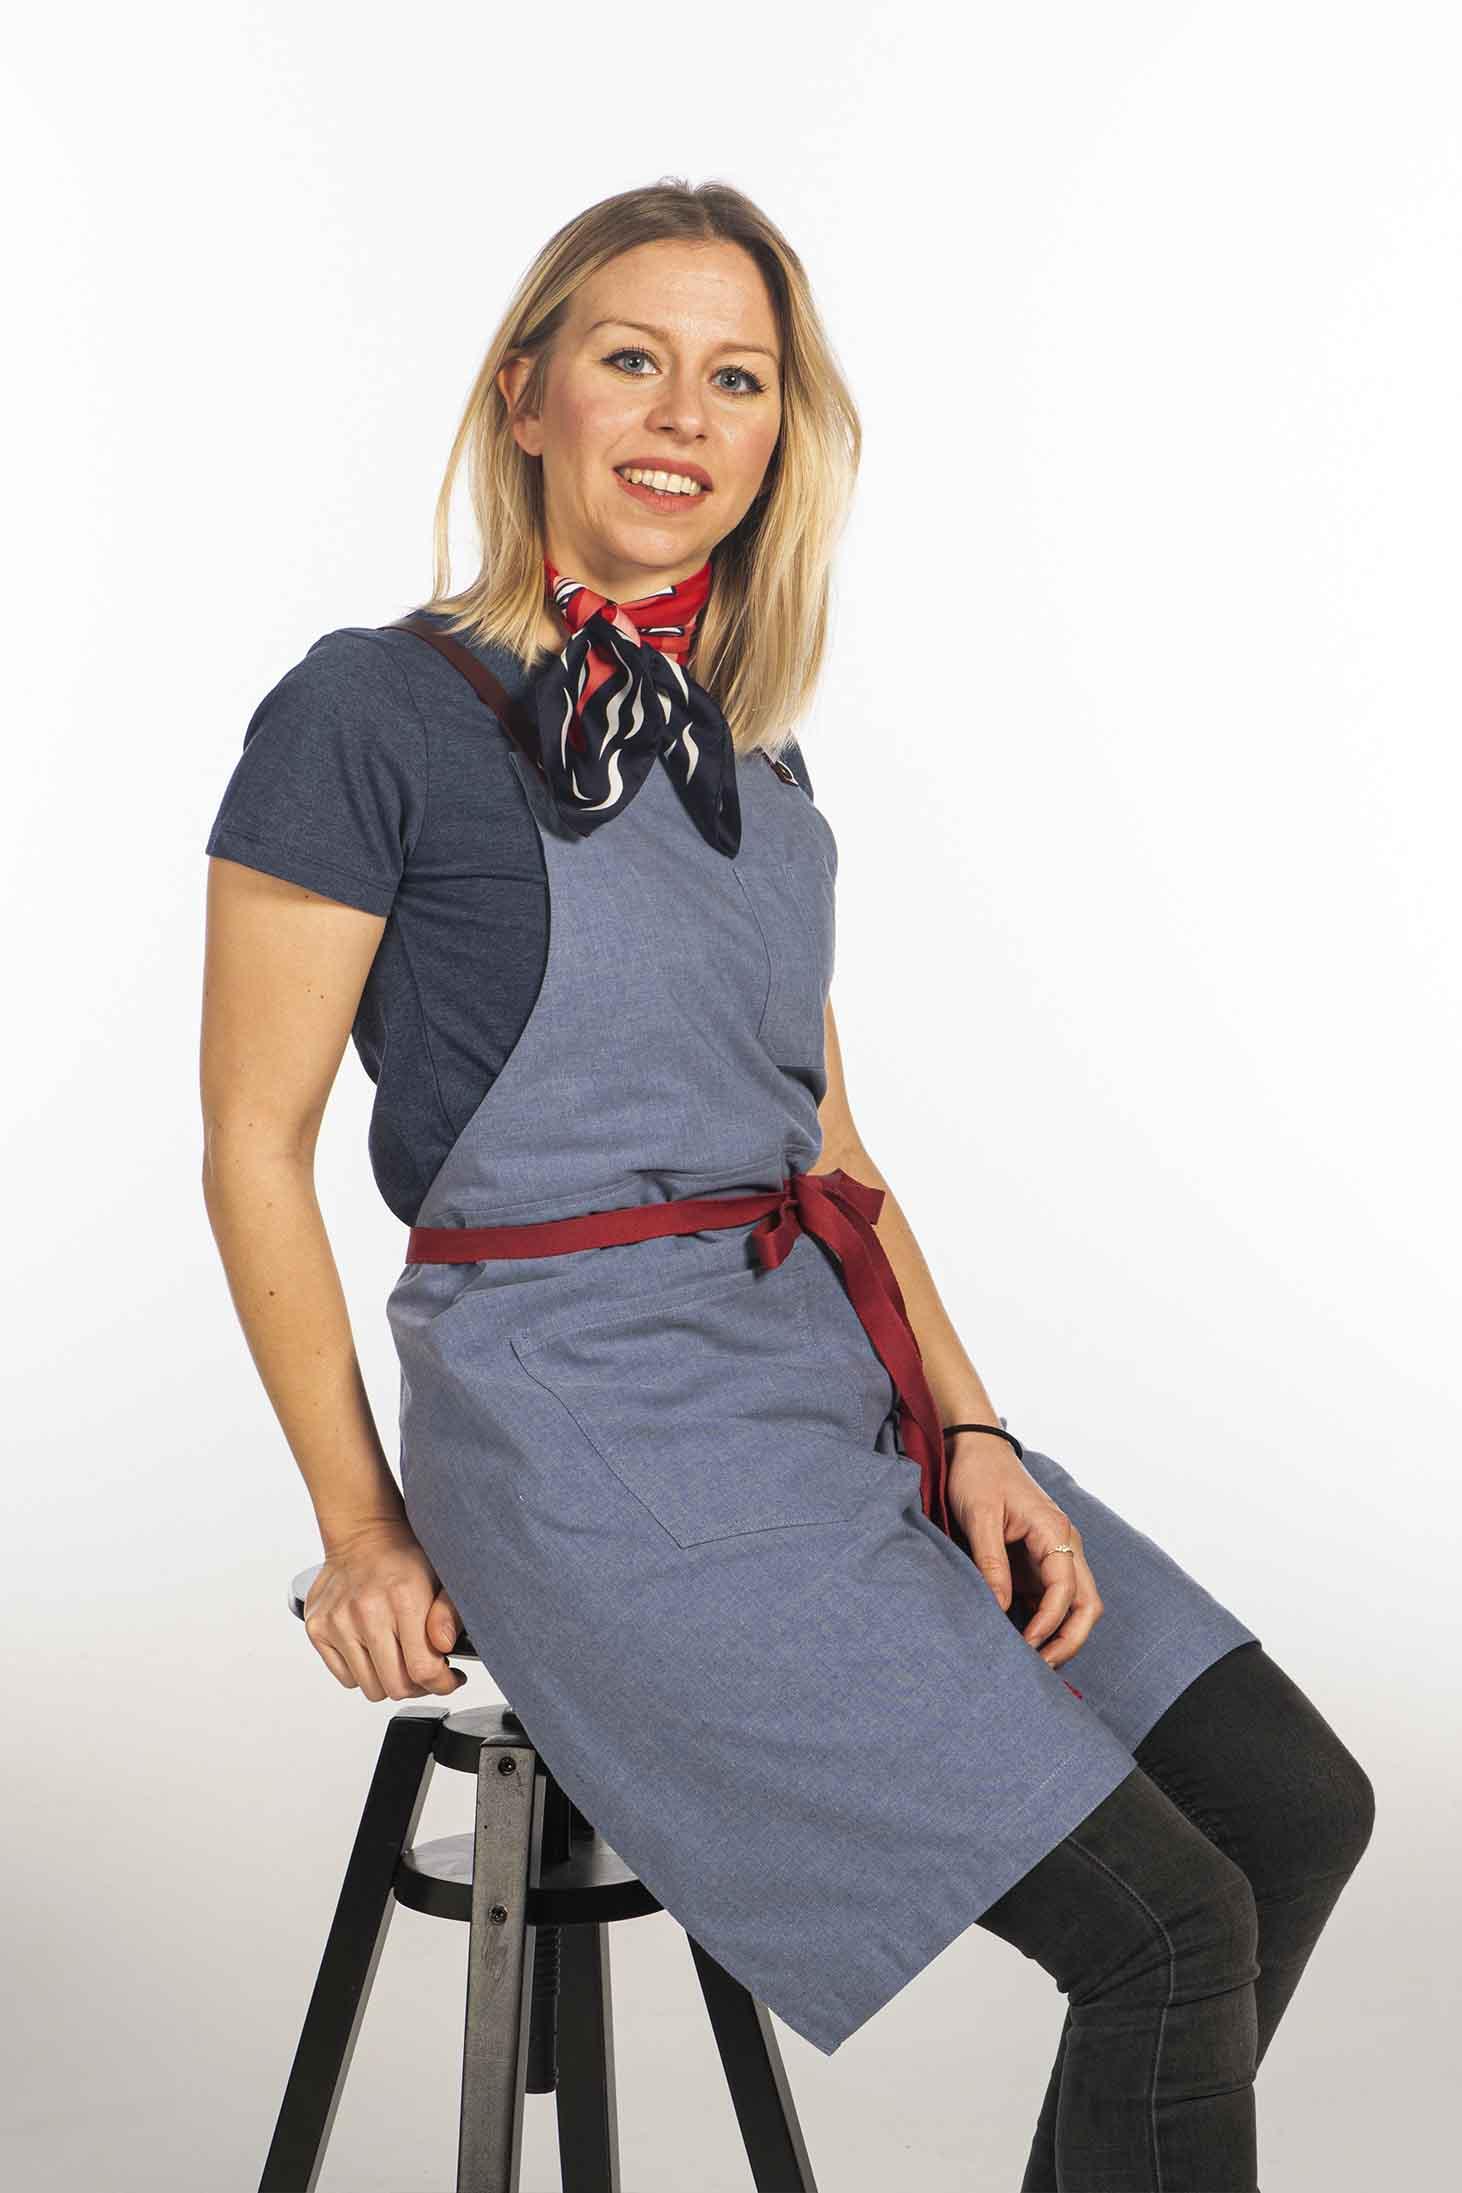 uniformes sector tiendas